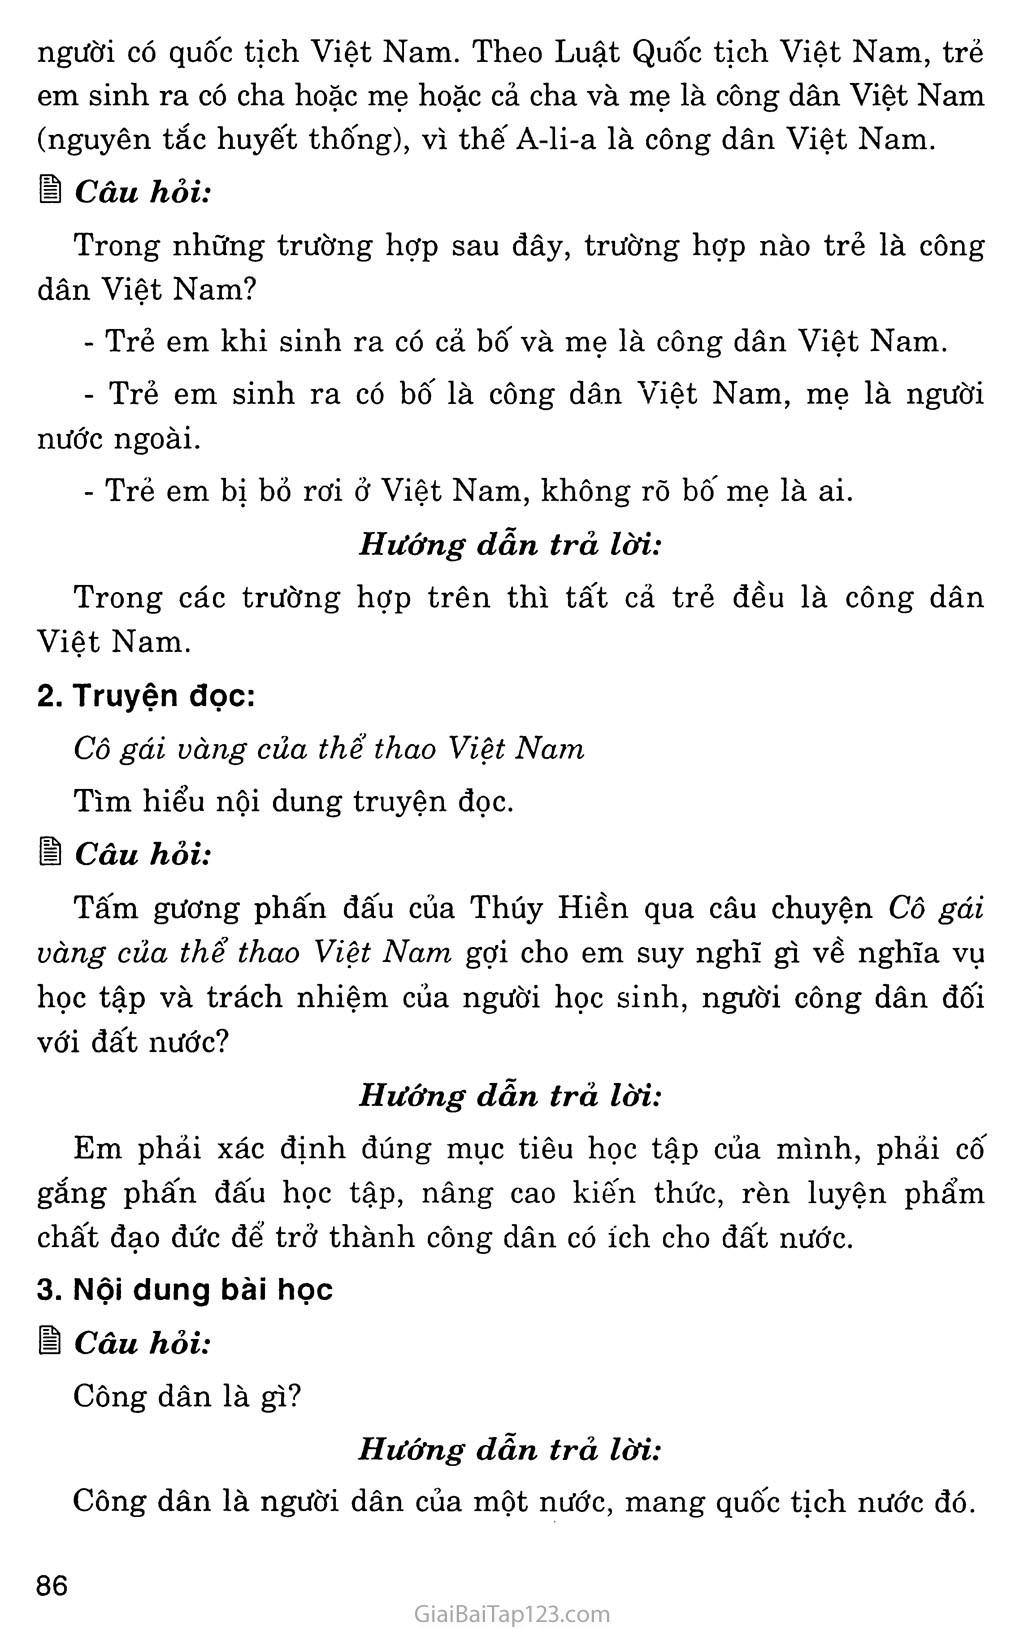 Bài 13: Công dân nước Cộng hòa xã hội chủ nghĩa Việt Nam trang 2